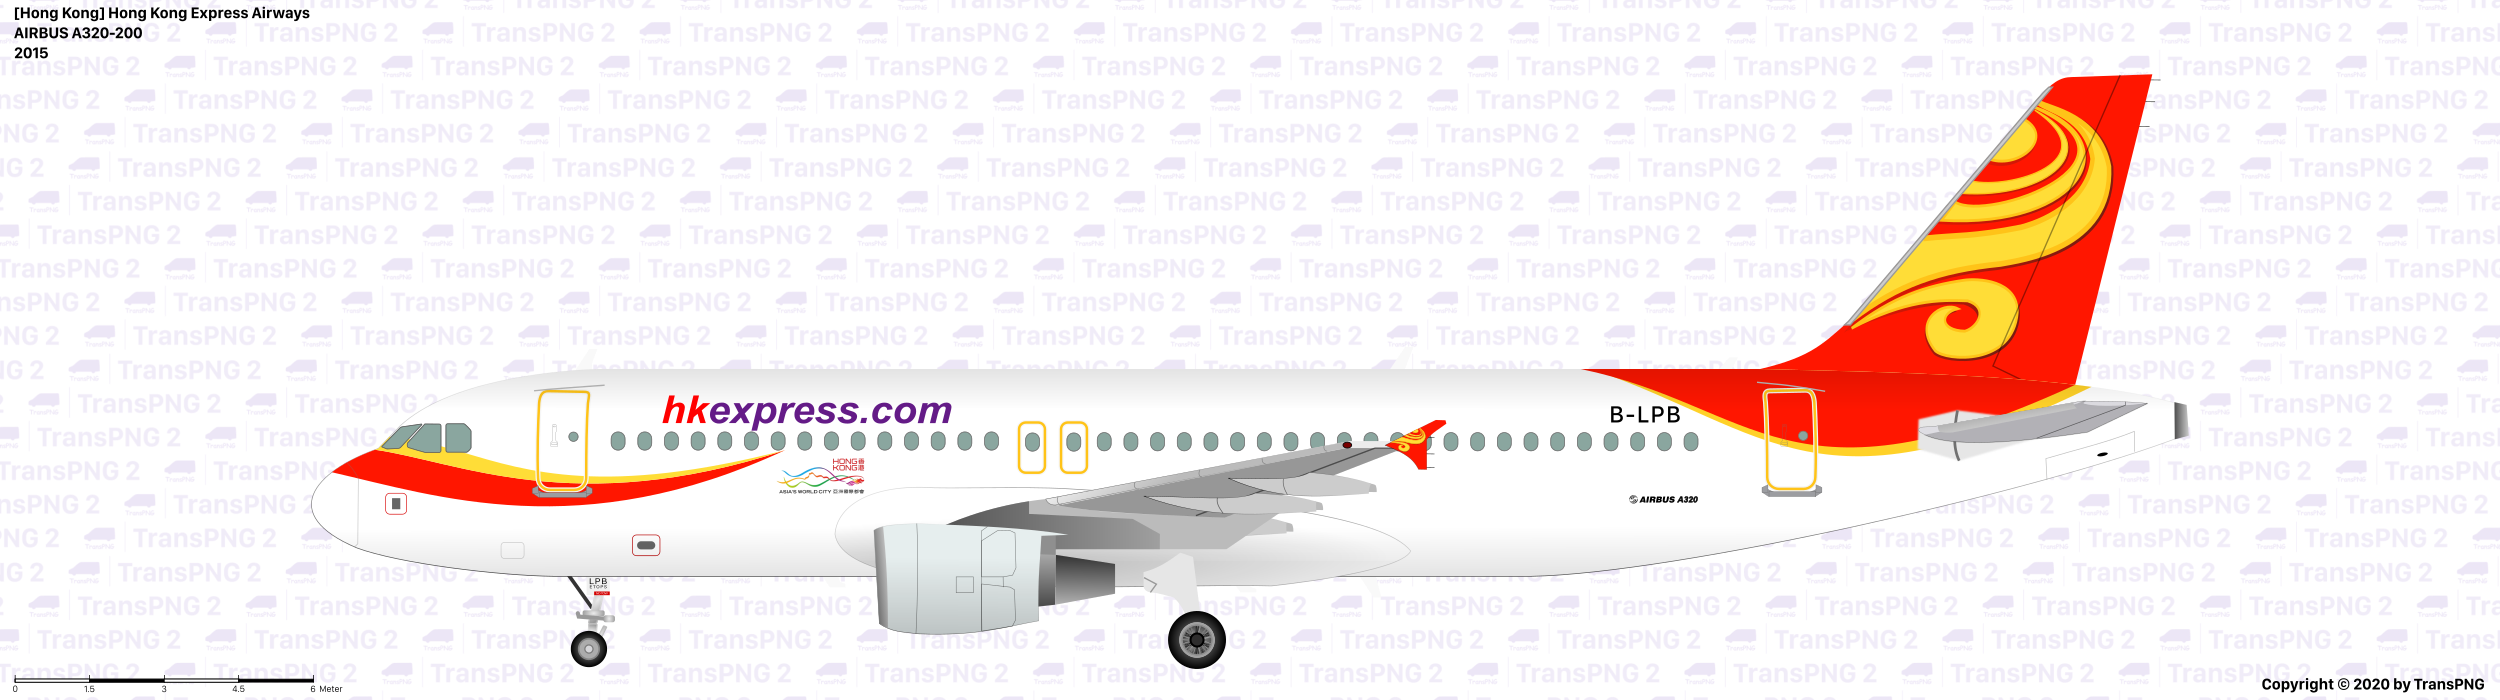 [25027] 香港快運航空 25027